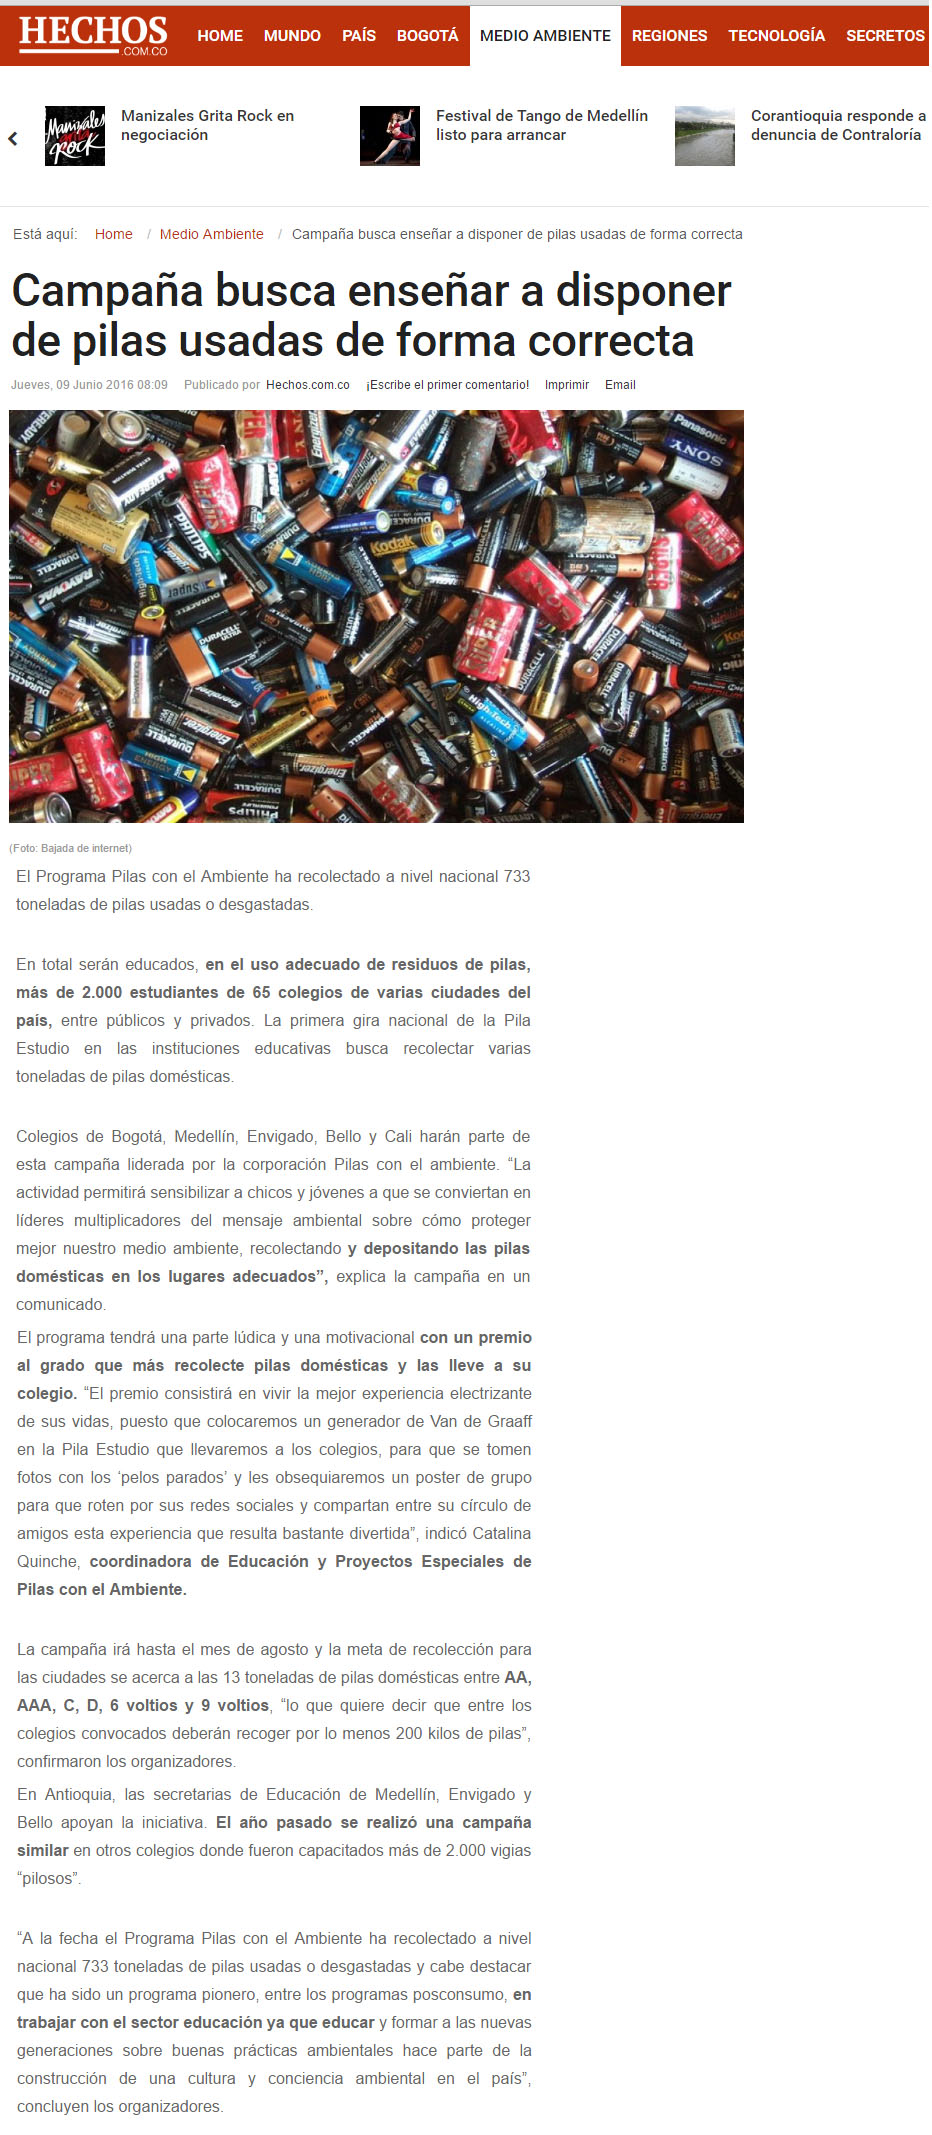 PILA ESTUDIO-Nota www.hechos.com.co 09-06-2016 [1]